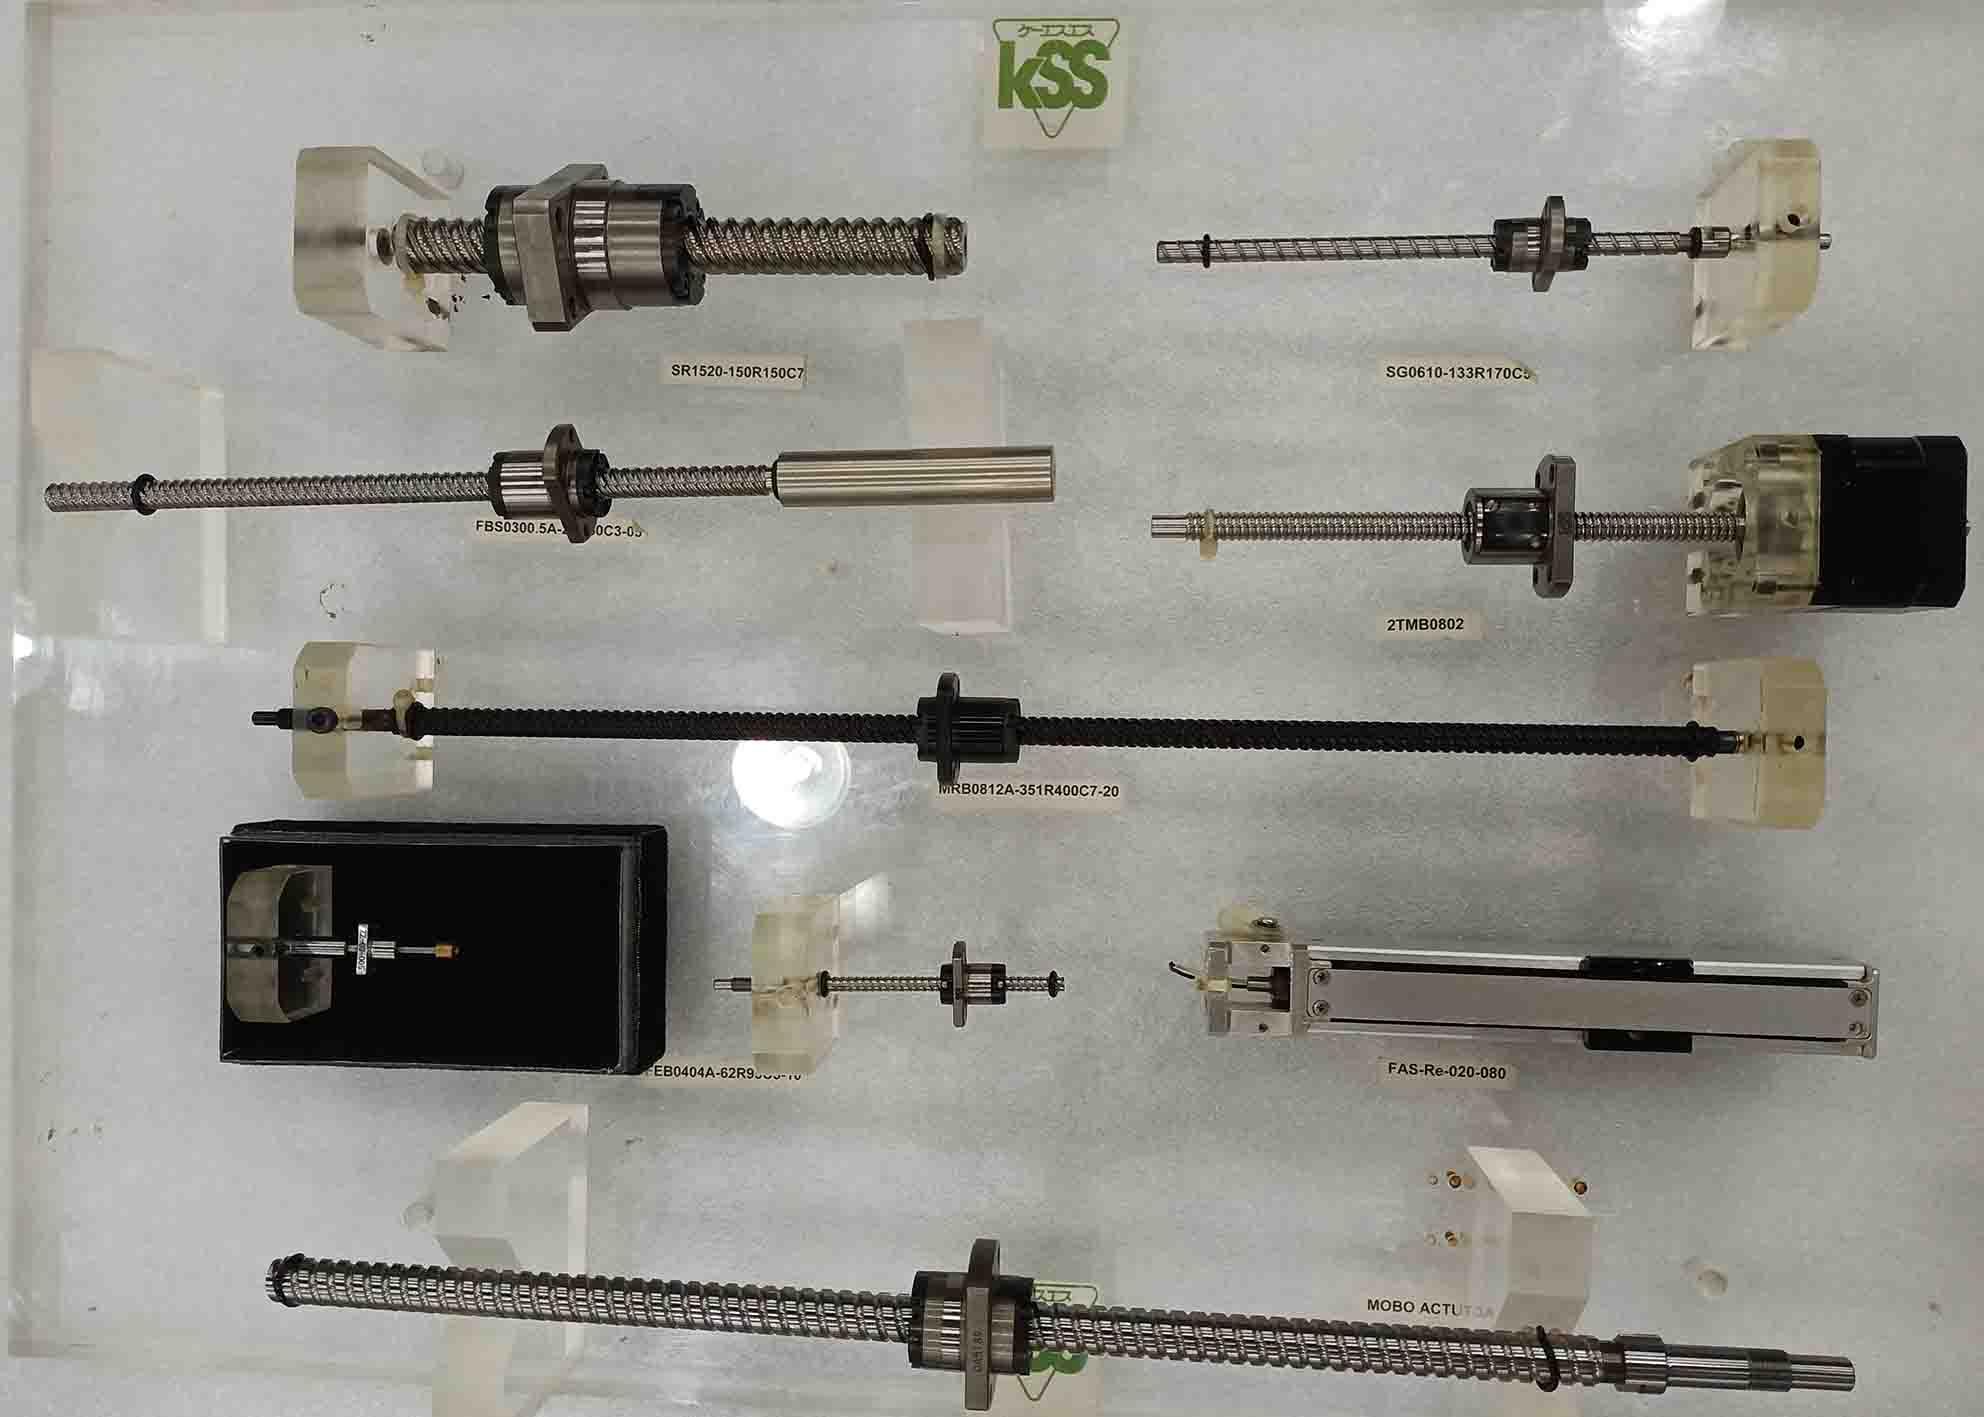 陕西kss滚珠丝杆规格尺寸 上海导全自动化设备供应